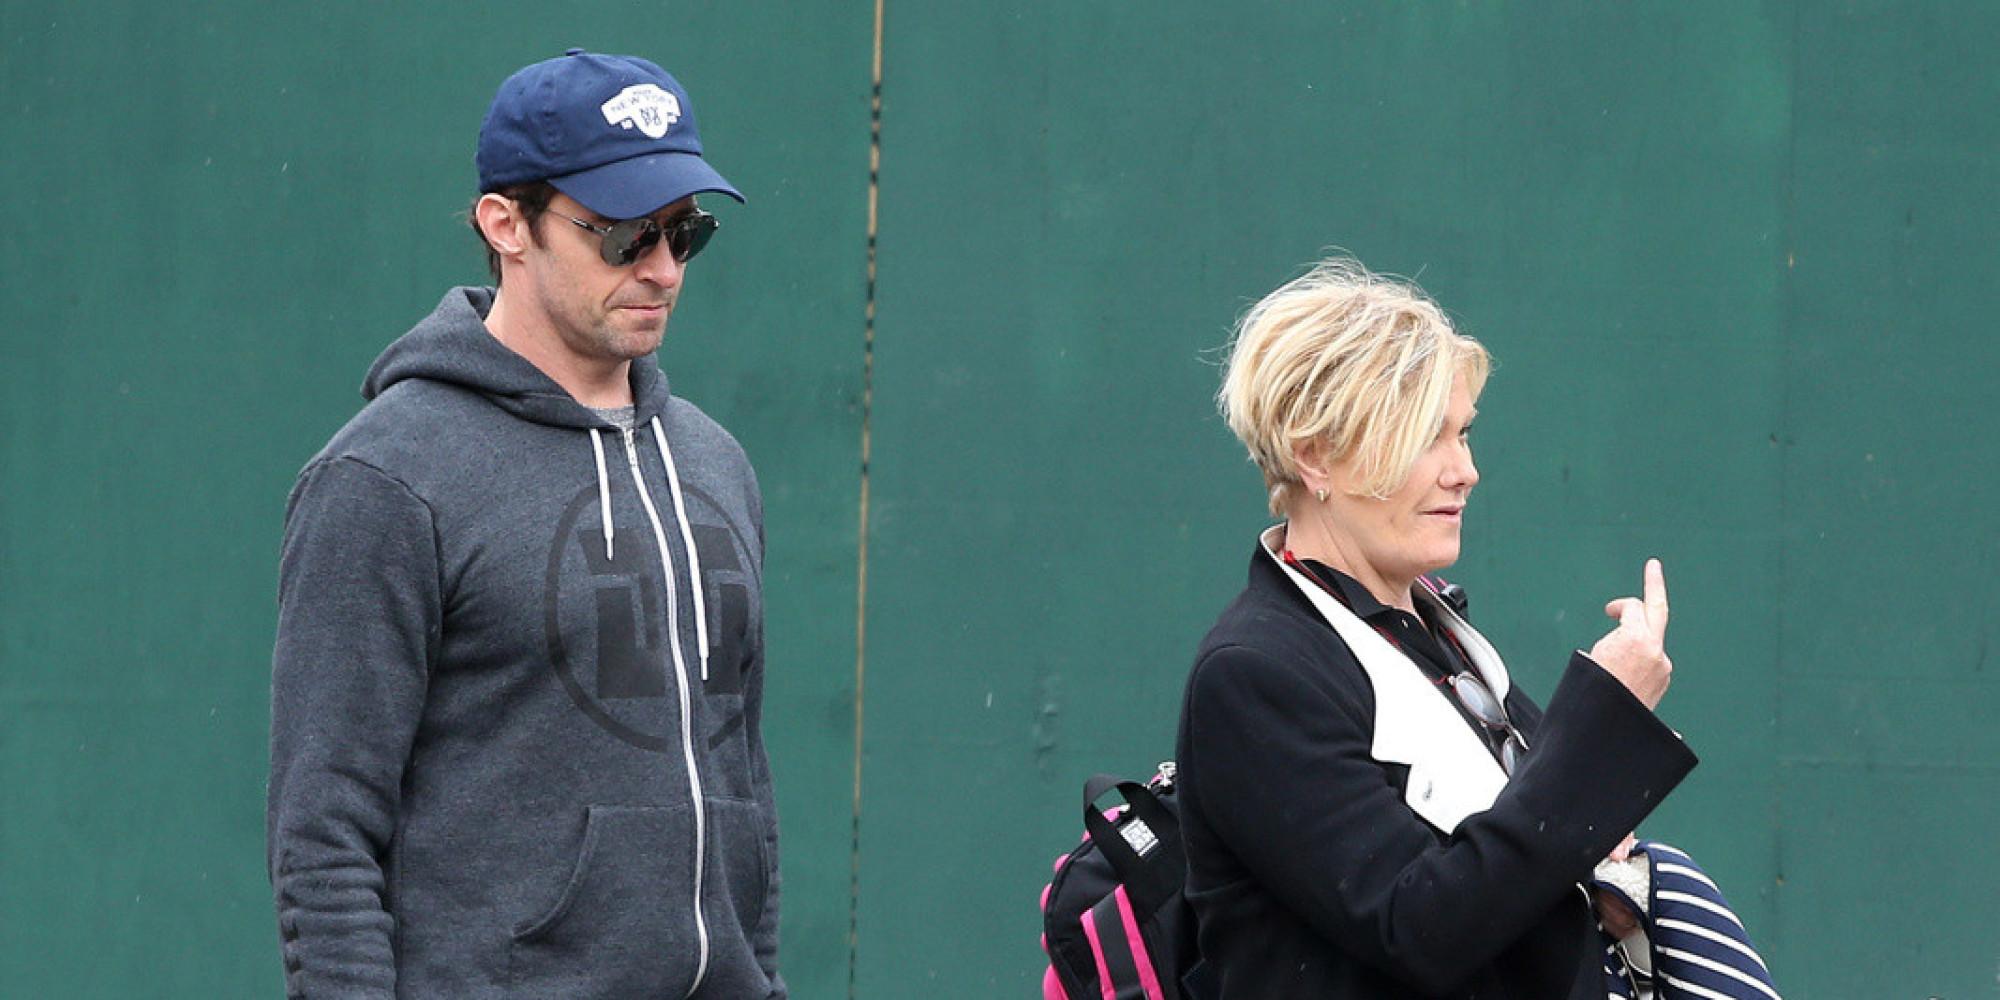 Hugh Jackmans Wife Deborra Lee Furness Flips The Bird